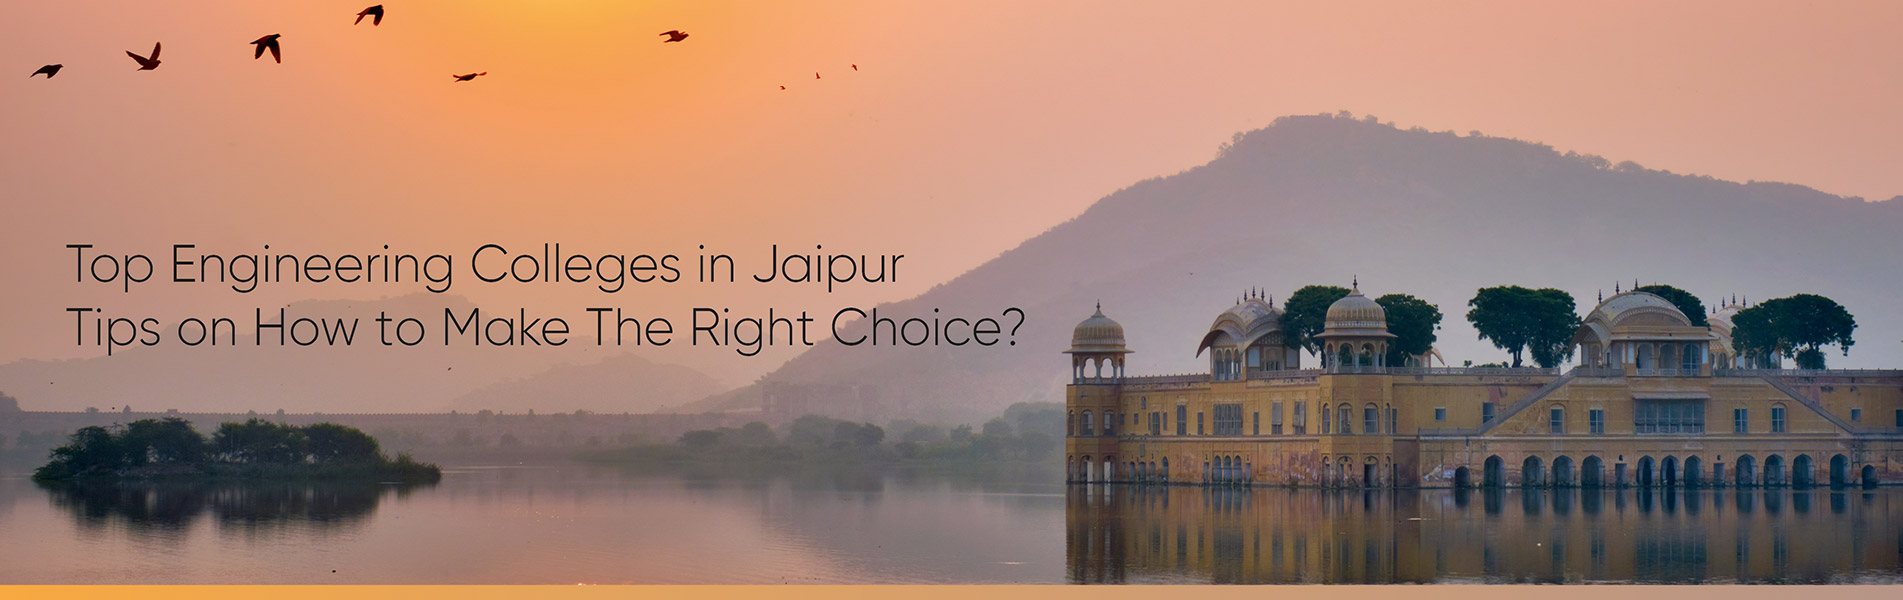 Top engineering colleges in Jaipur